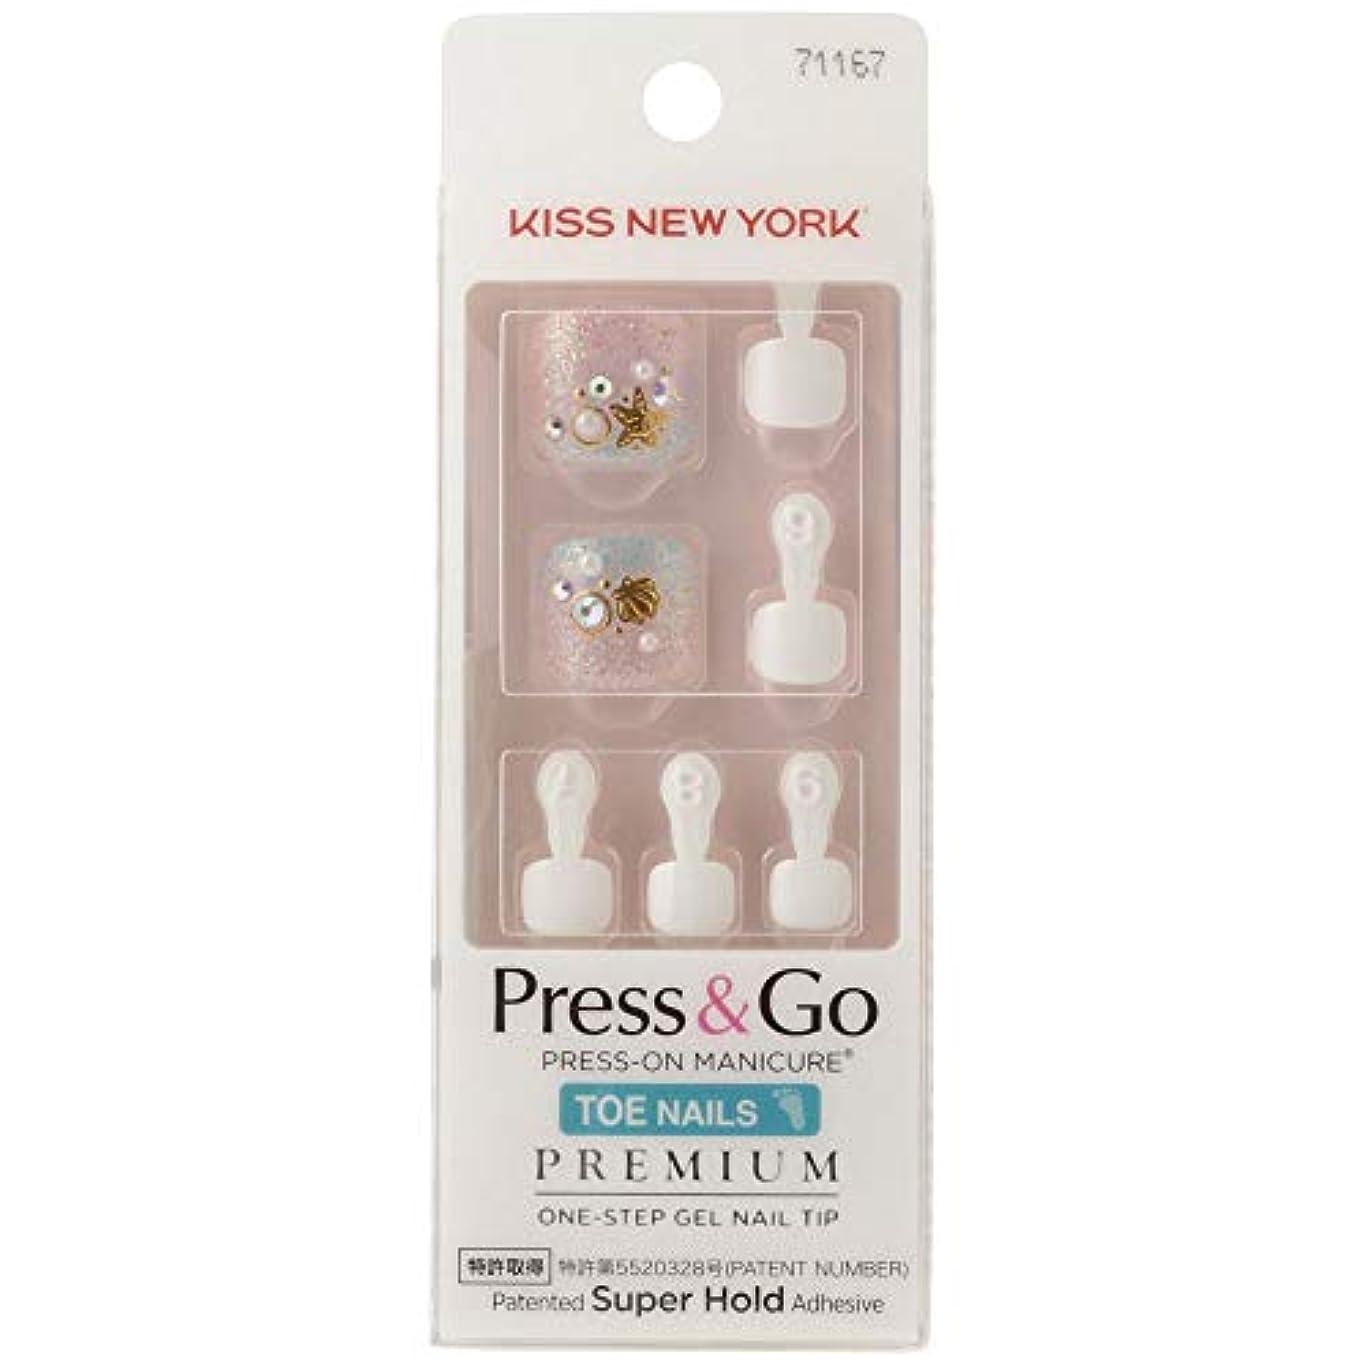 傷つける希少性良性キスニューヨーク (KISS NEW YORK) KISS NEWYORK フットネイルチップPress&Go BHJT08J 18g